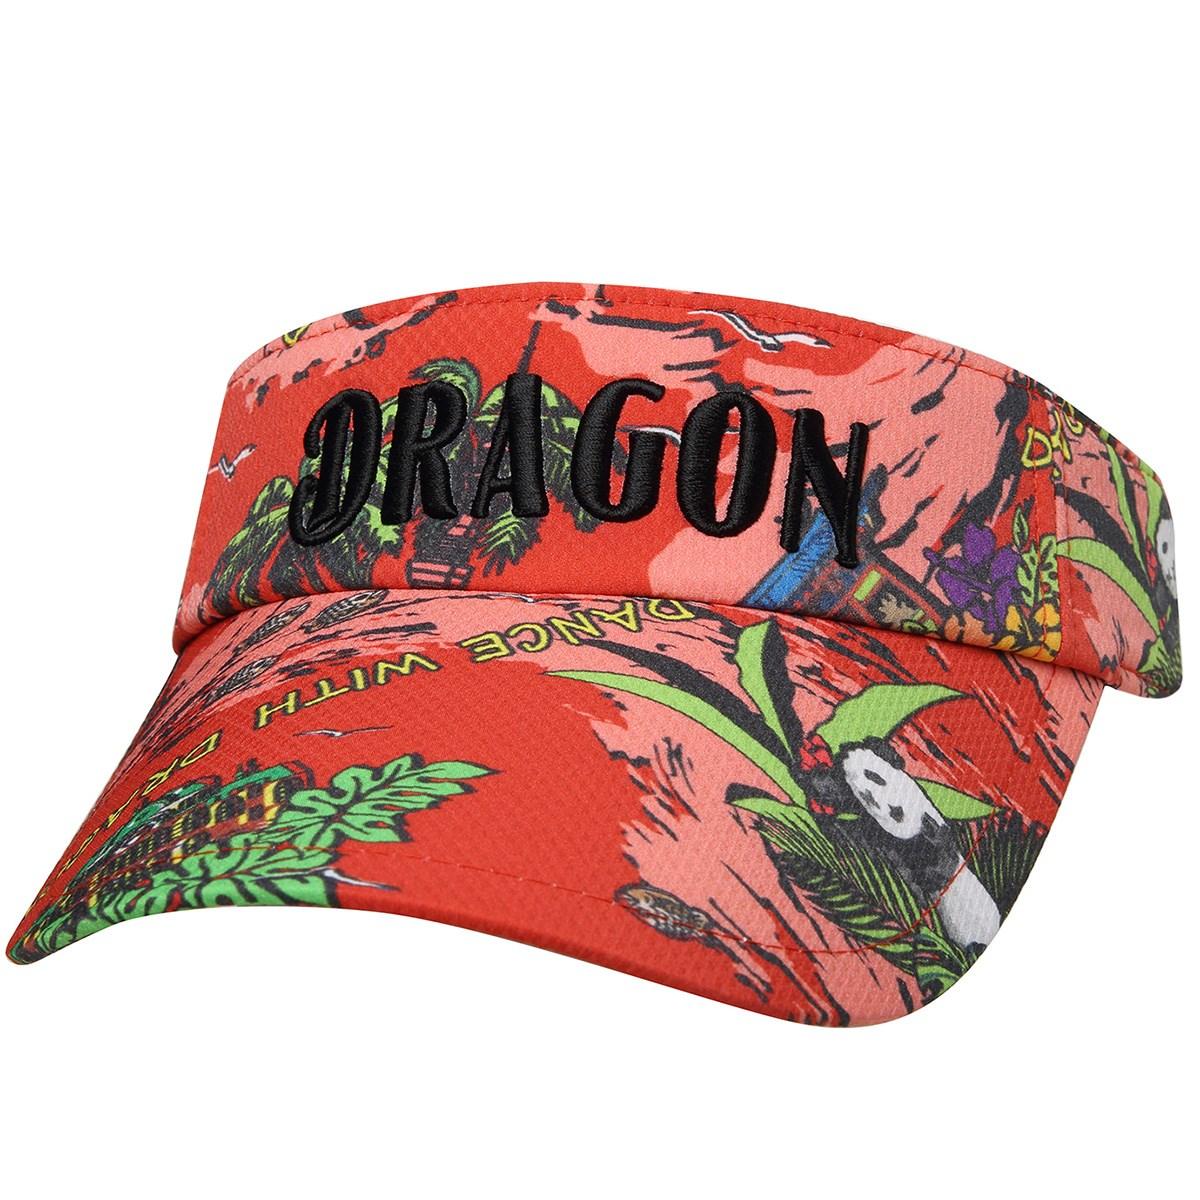 ダンスウィズドラゴン Dance With Dragon TOURISMプリント サンバイザー フリー レッド 059